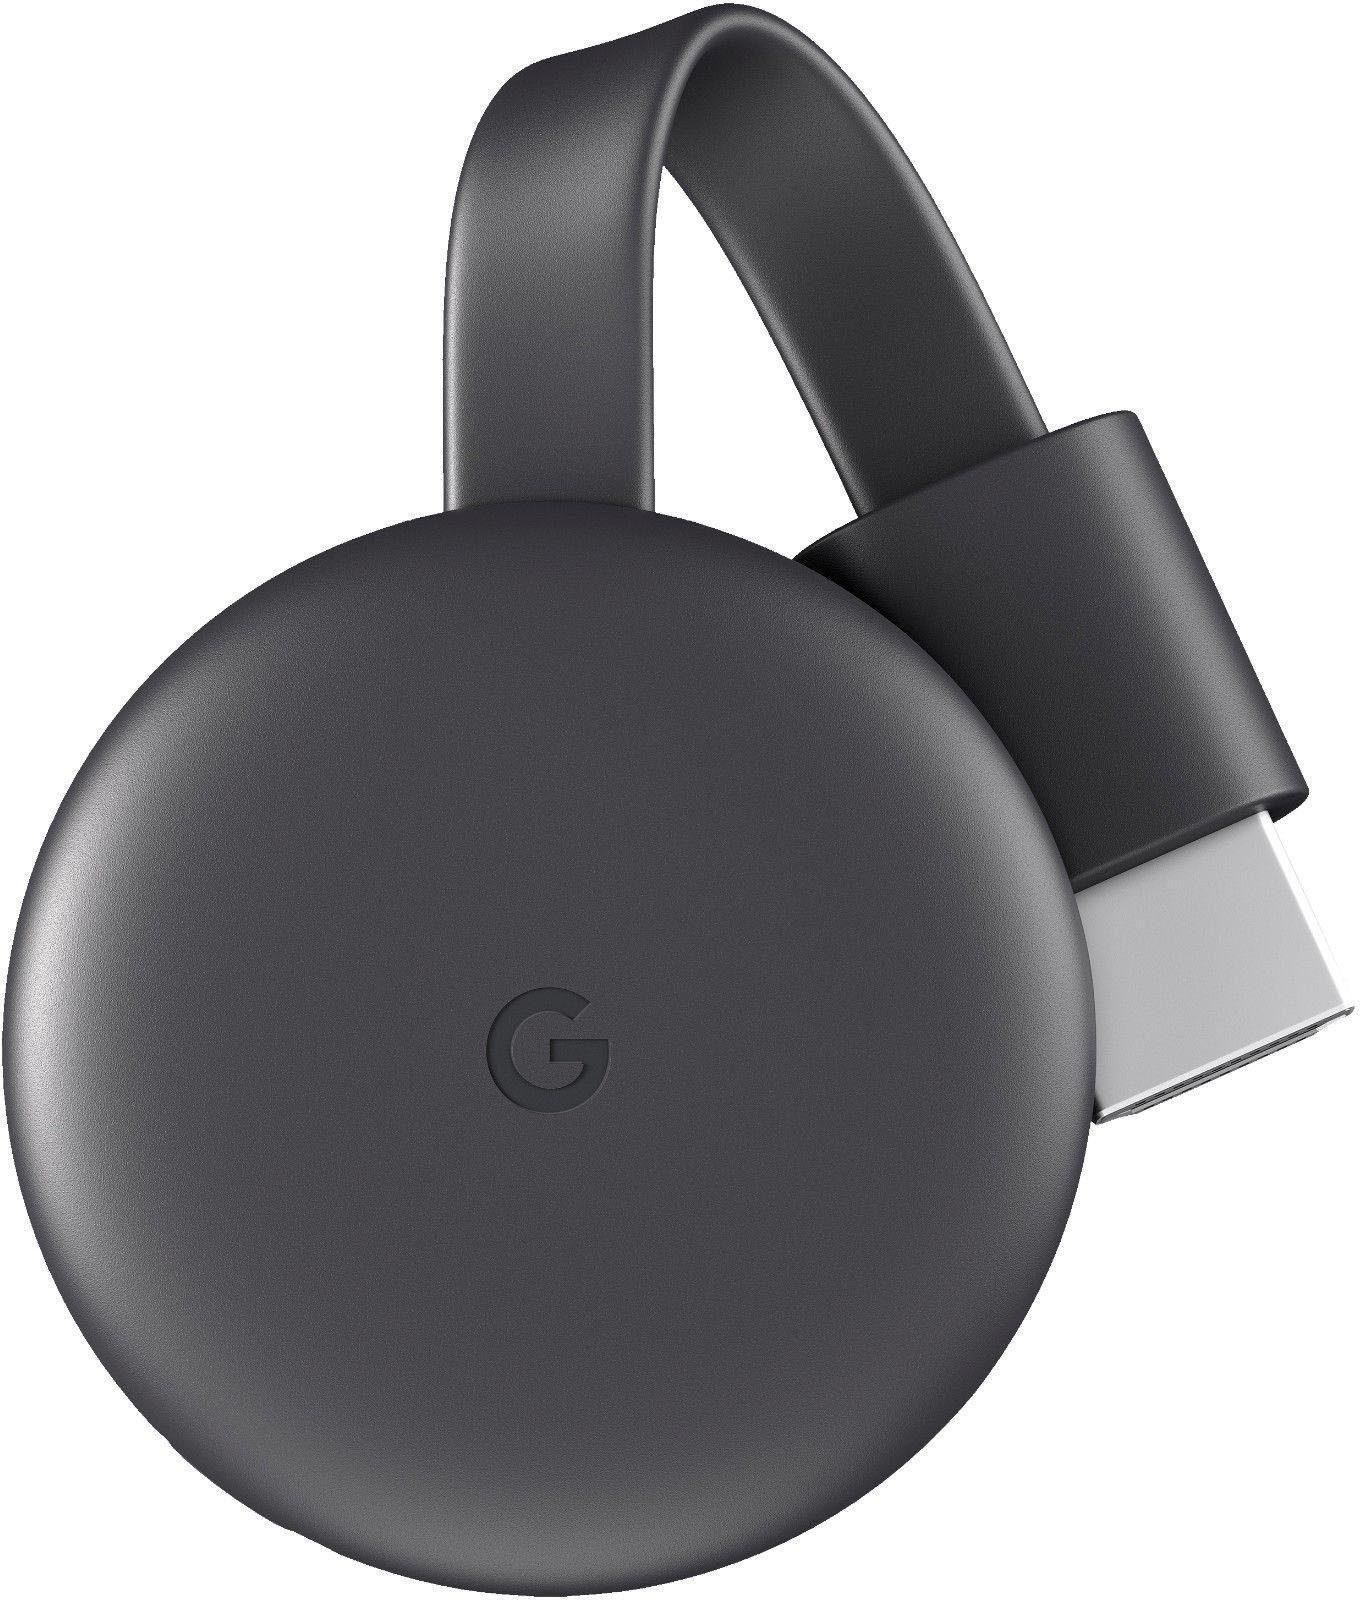 Google Chromecast Streaming Stick